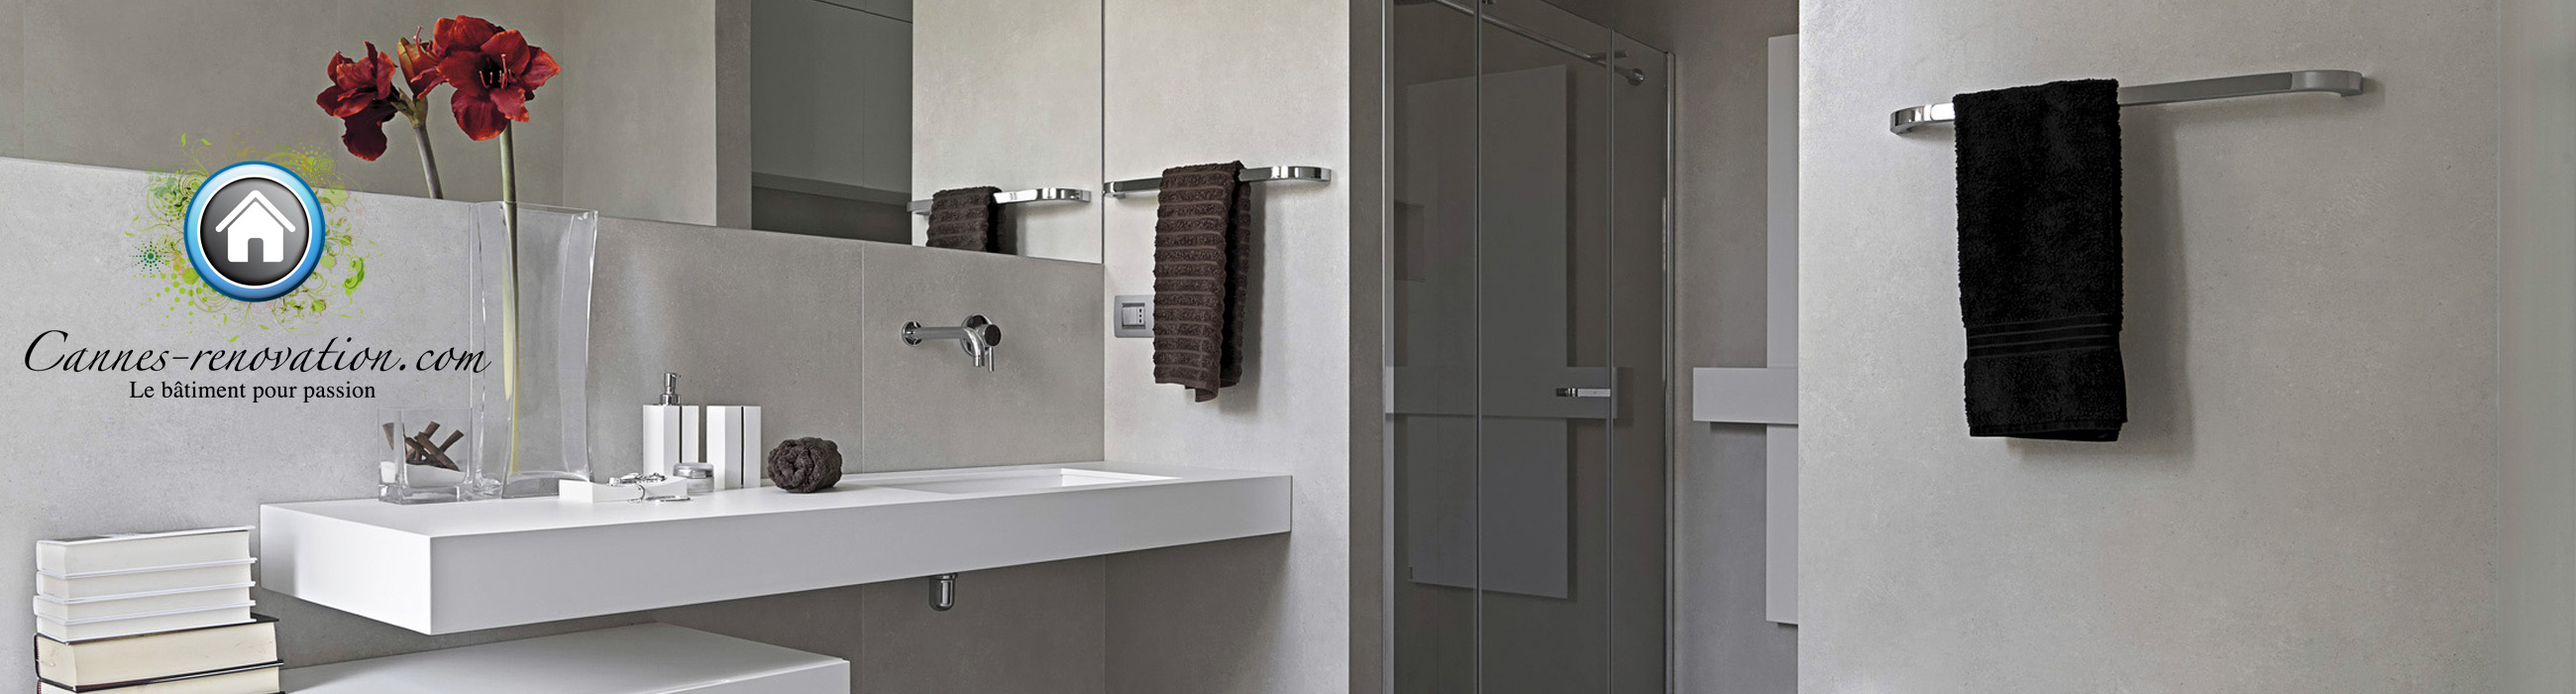 Renovation de salle de bain excellent rnovation salle de for Renovation salle de bain